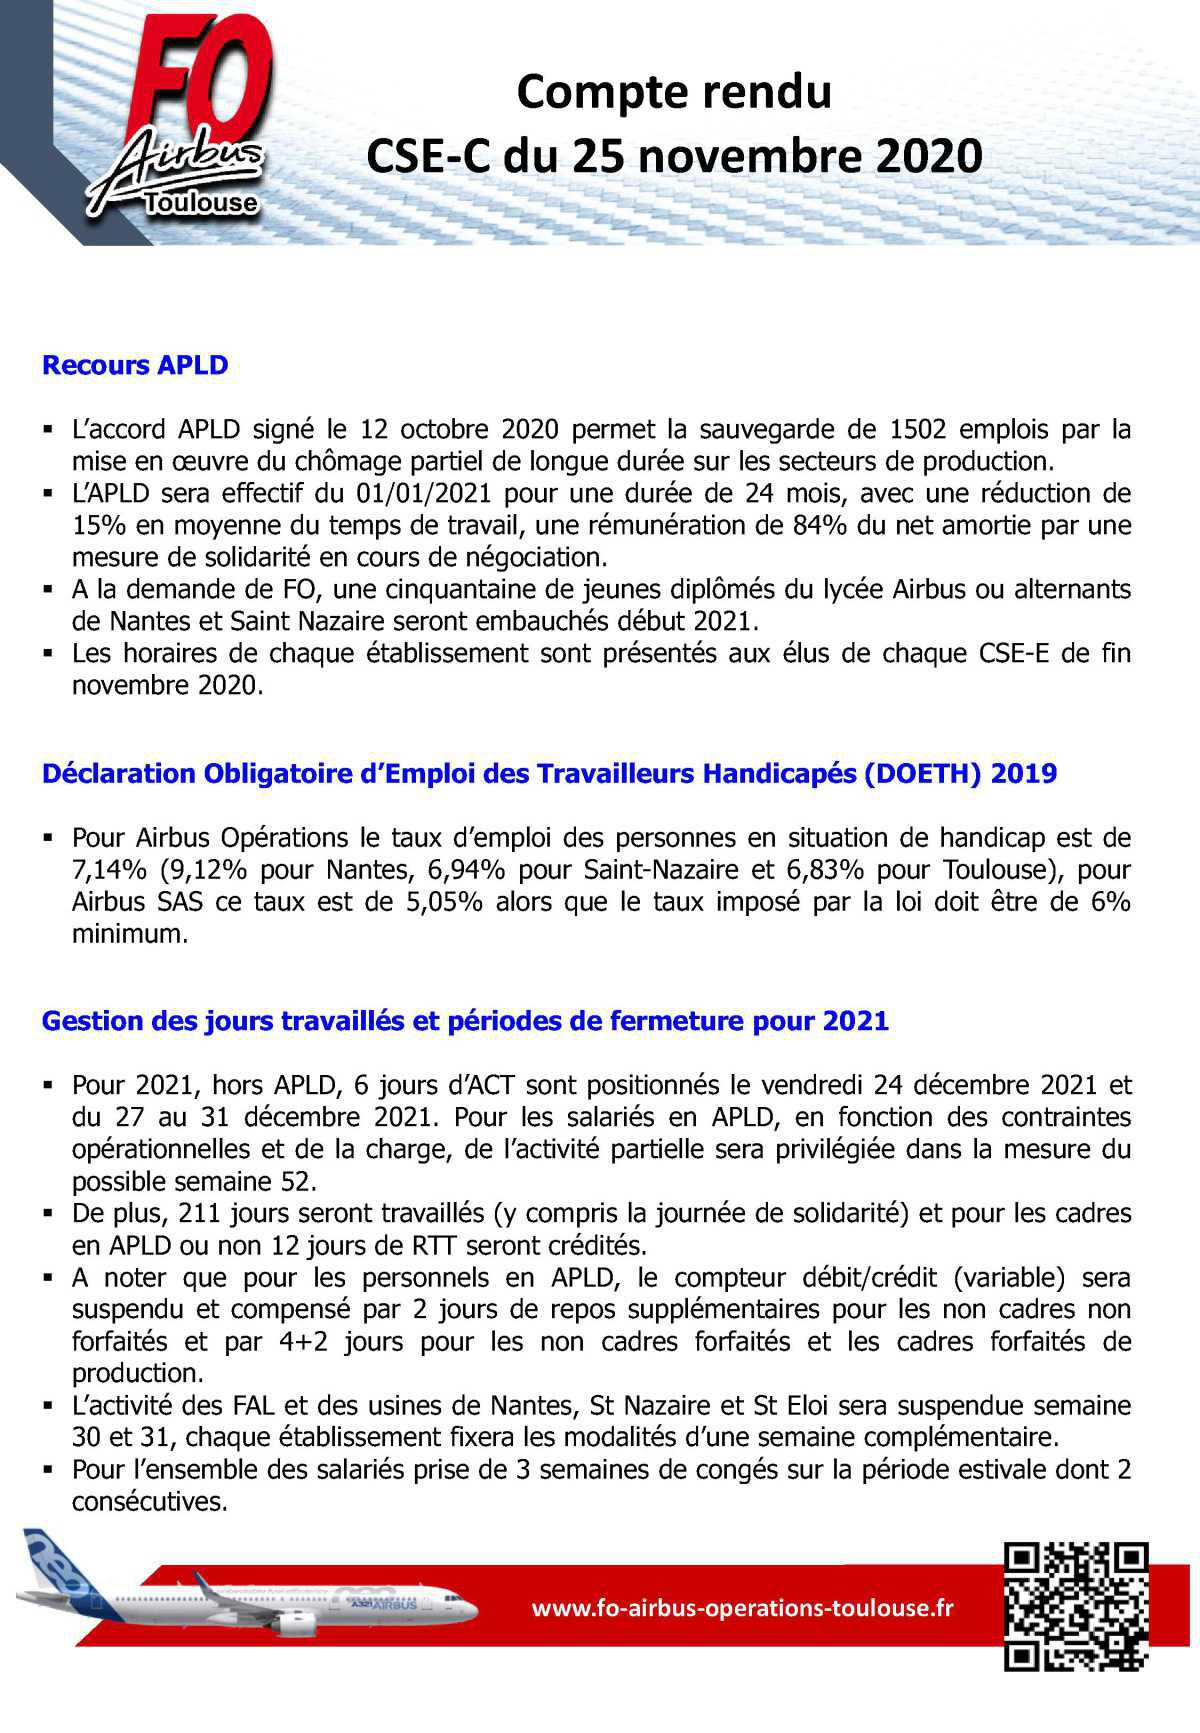 Compte rendu du CSE-C du 25 novembre 2020